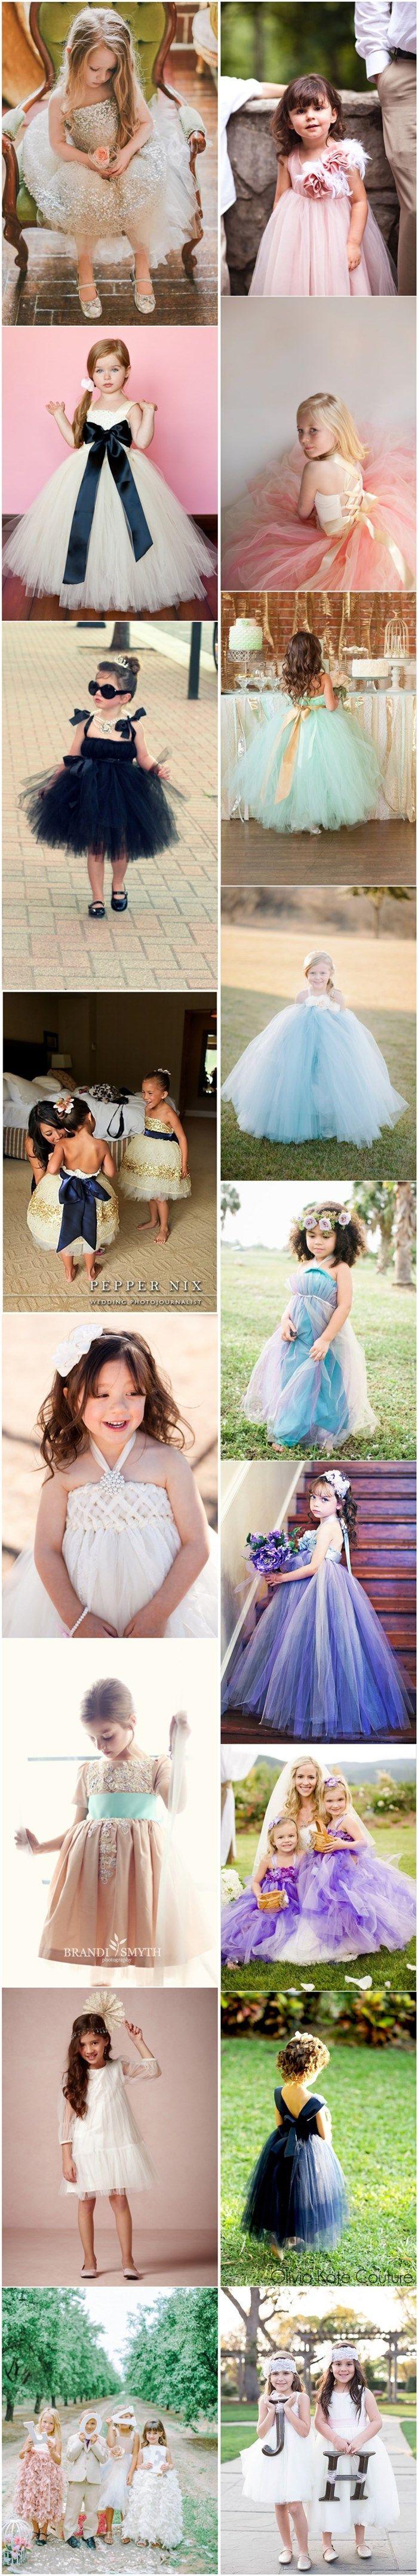 60+ Sweet Flower Girl Dresses for Wedding